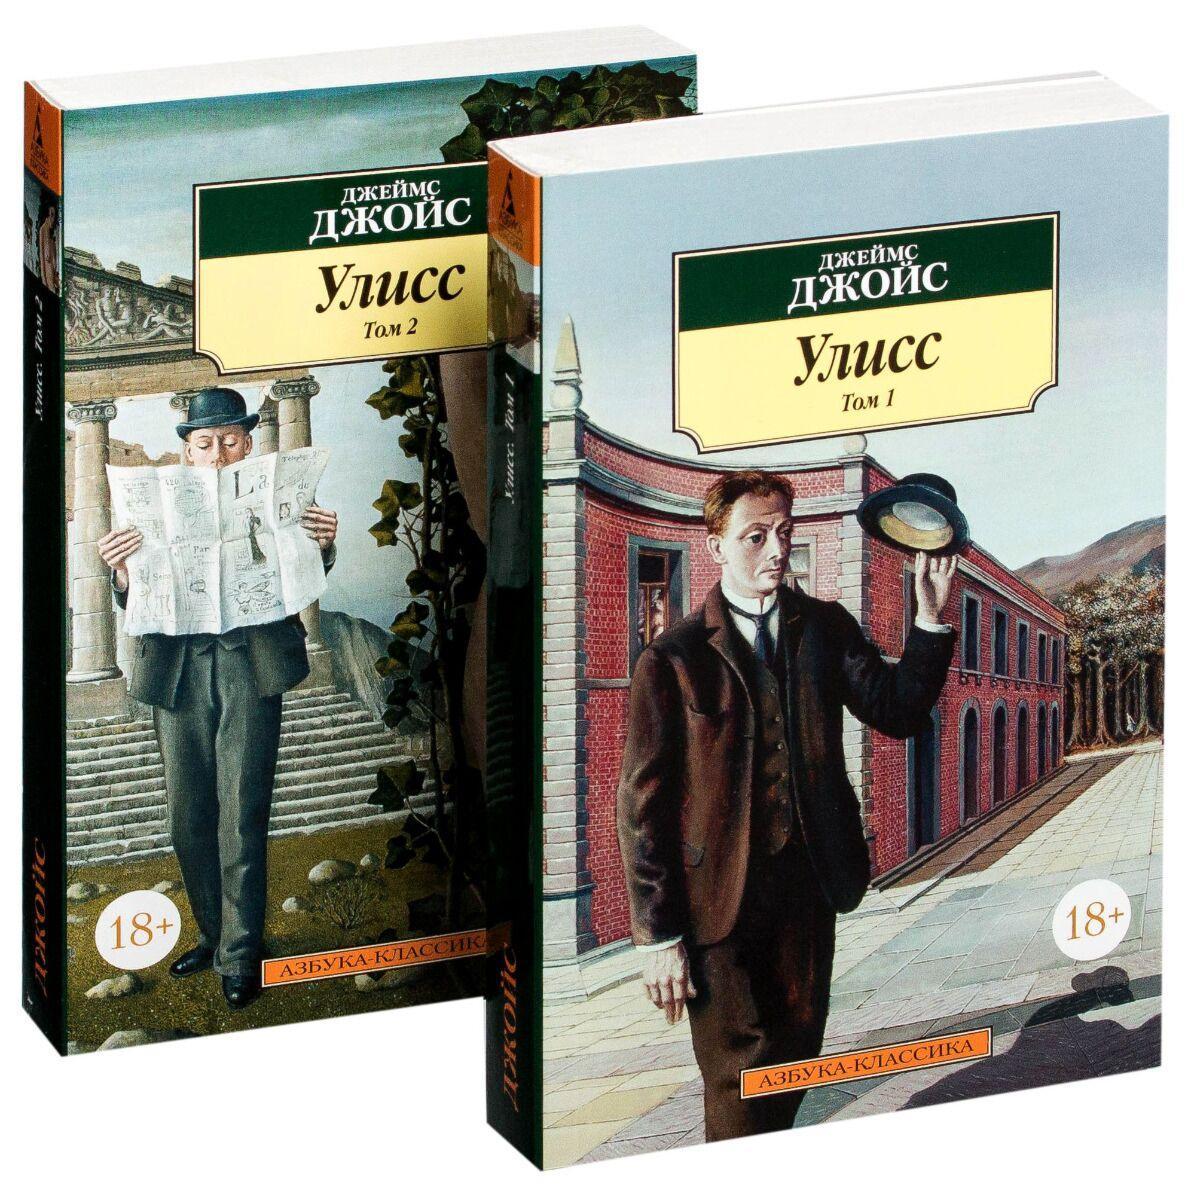 Джойс Дж.: Улисс (комплект в 2-х томах)